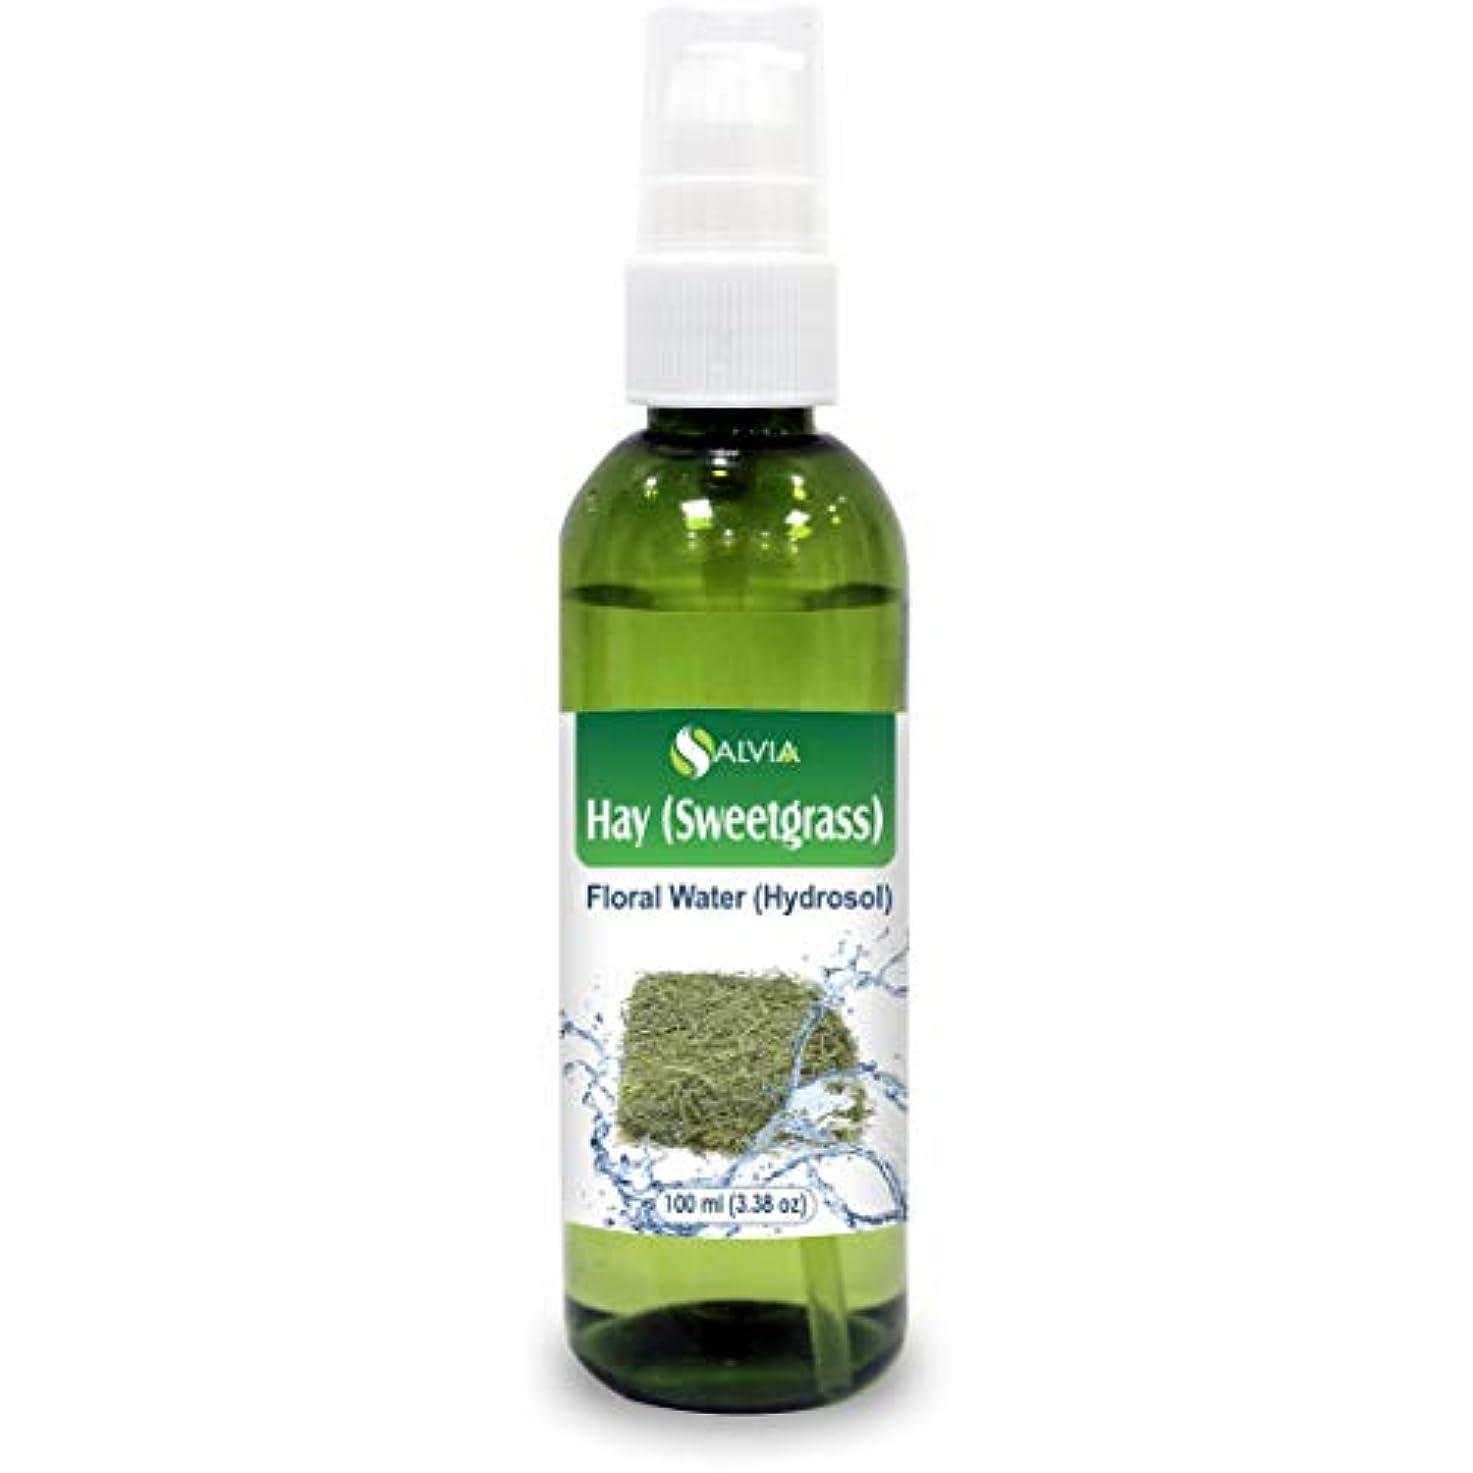 かび臭いとても多くの丘Hay (Sweetgrass) Floral Water 100ml (Hydrosol) 100% Pure And Natural